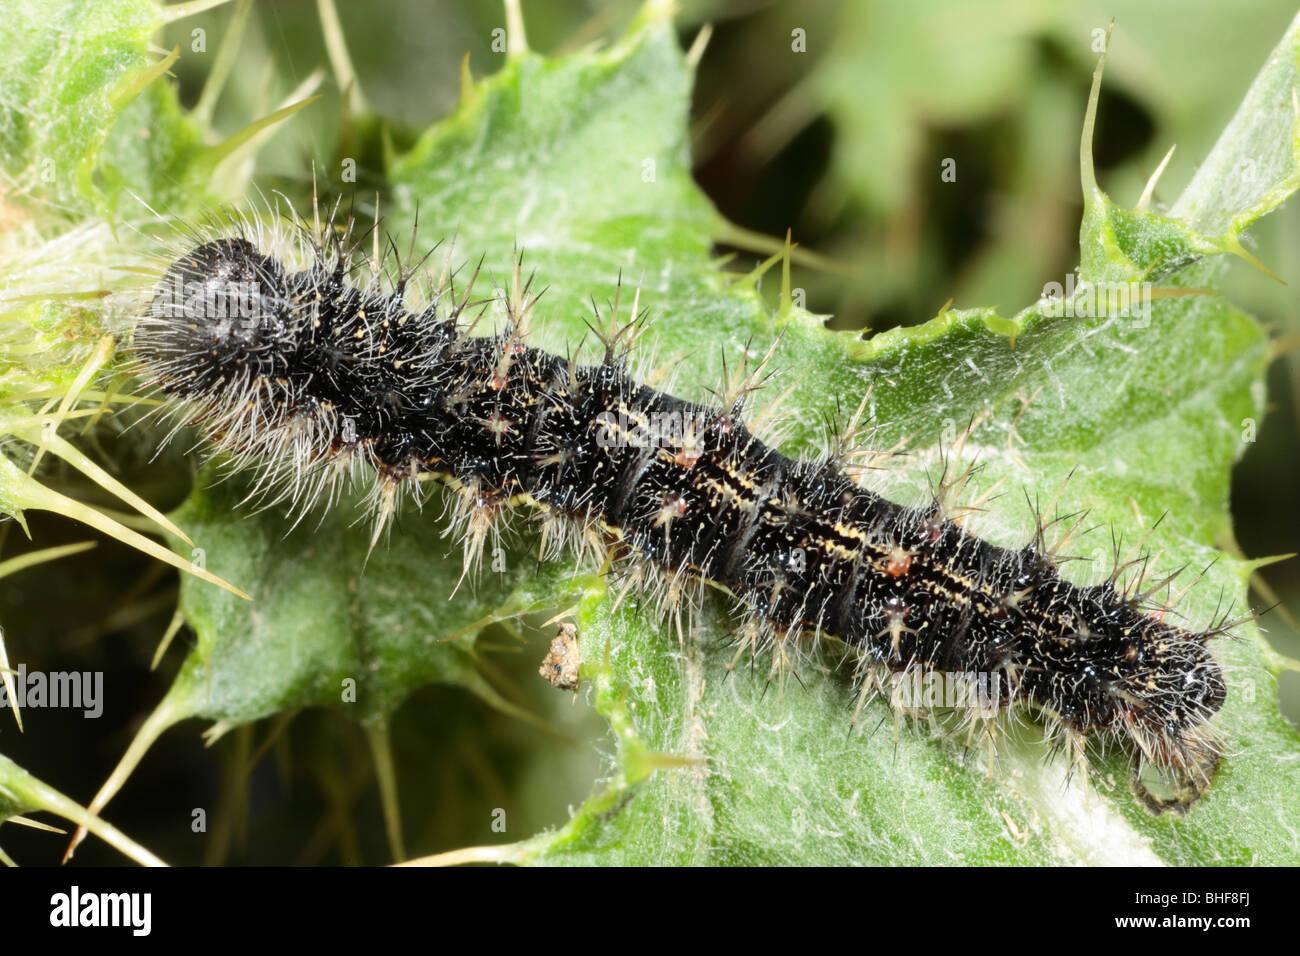 Große Larven eines Schmetterlings Distelfalter (Vanessa Cardui) auf einem Blatt der schleichenden Distel Fütterung. Stockfoto